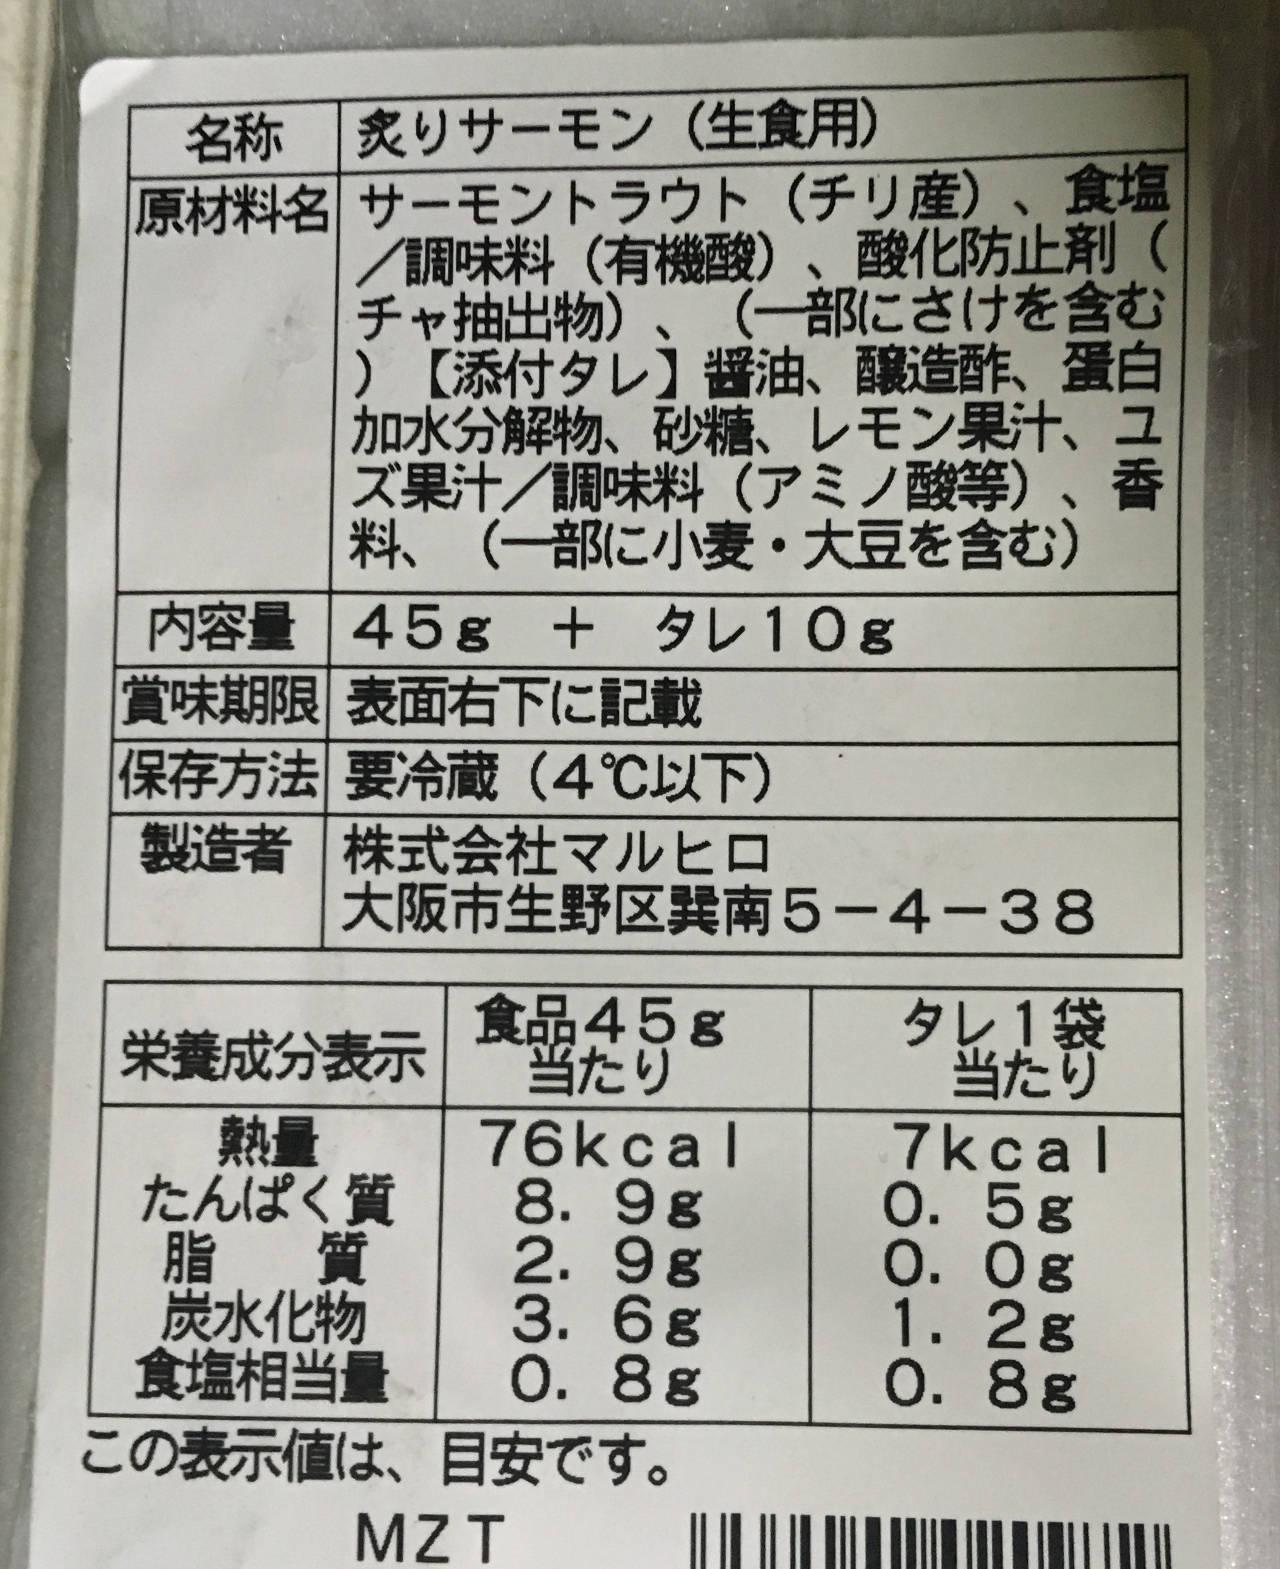 原材料名と栄養成分表示:まいばすけっとで購入した「炙りサーモン」